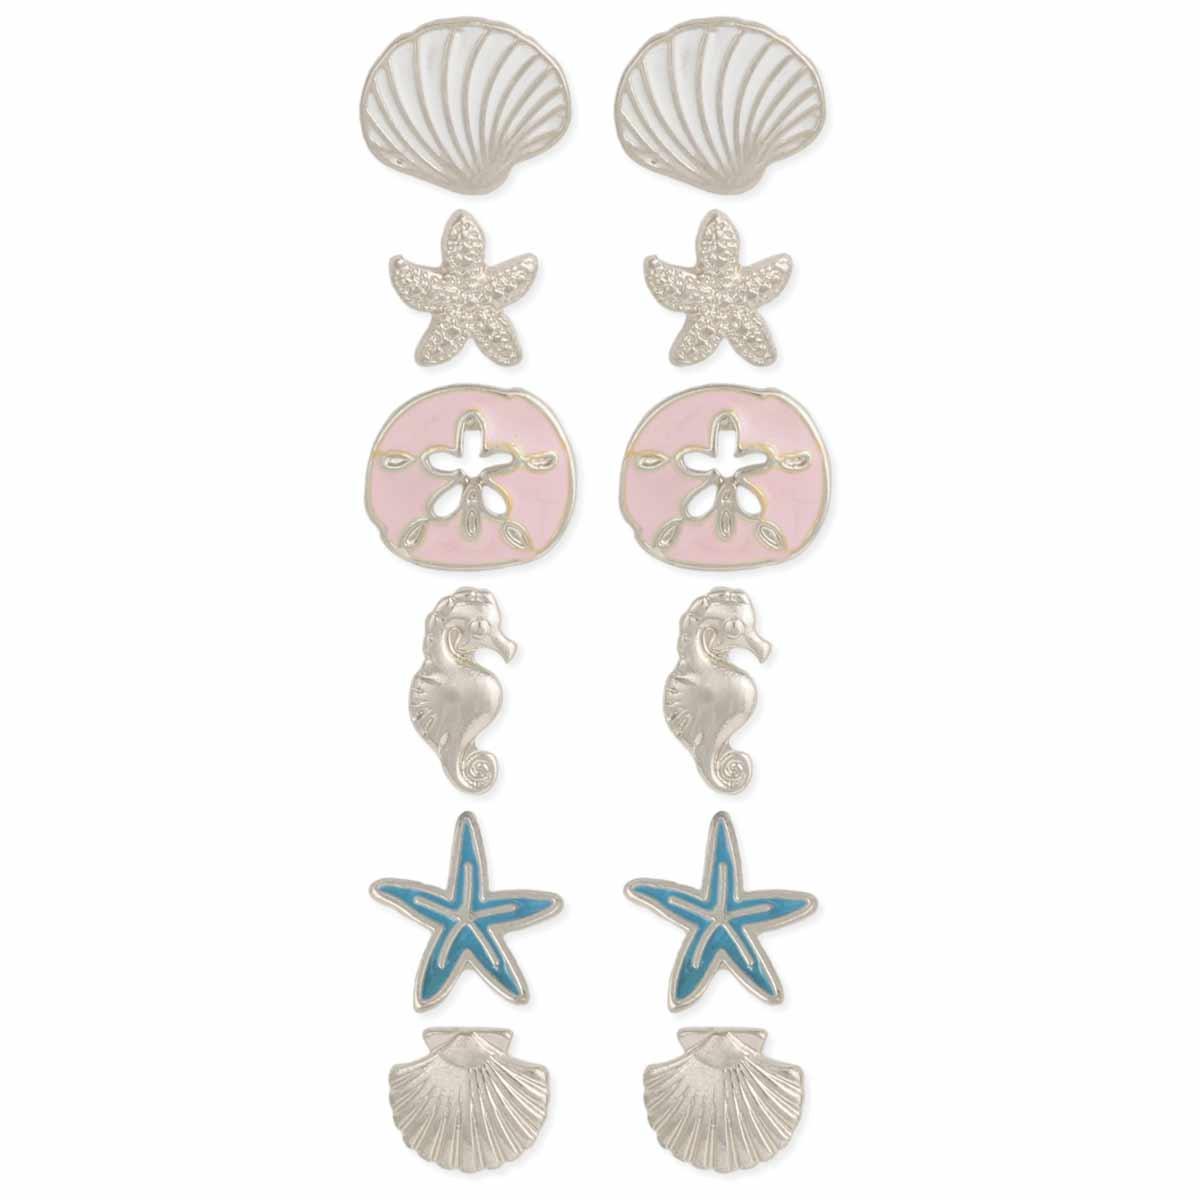 Silver & Enamel Sealife Post Earring Set